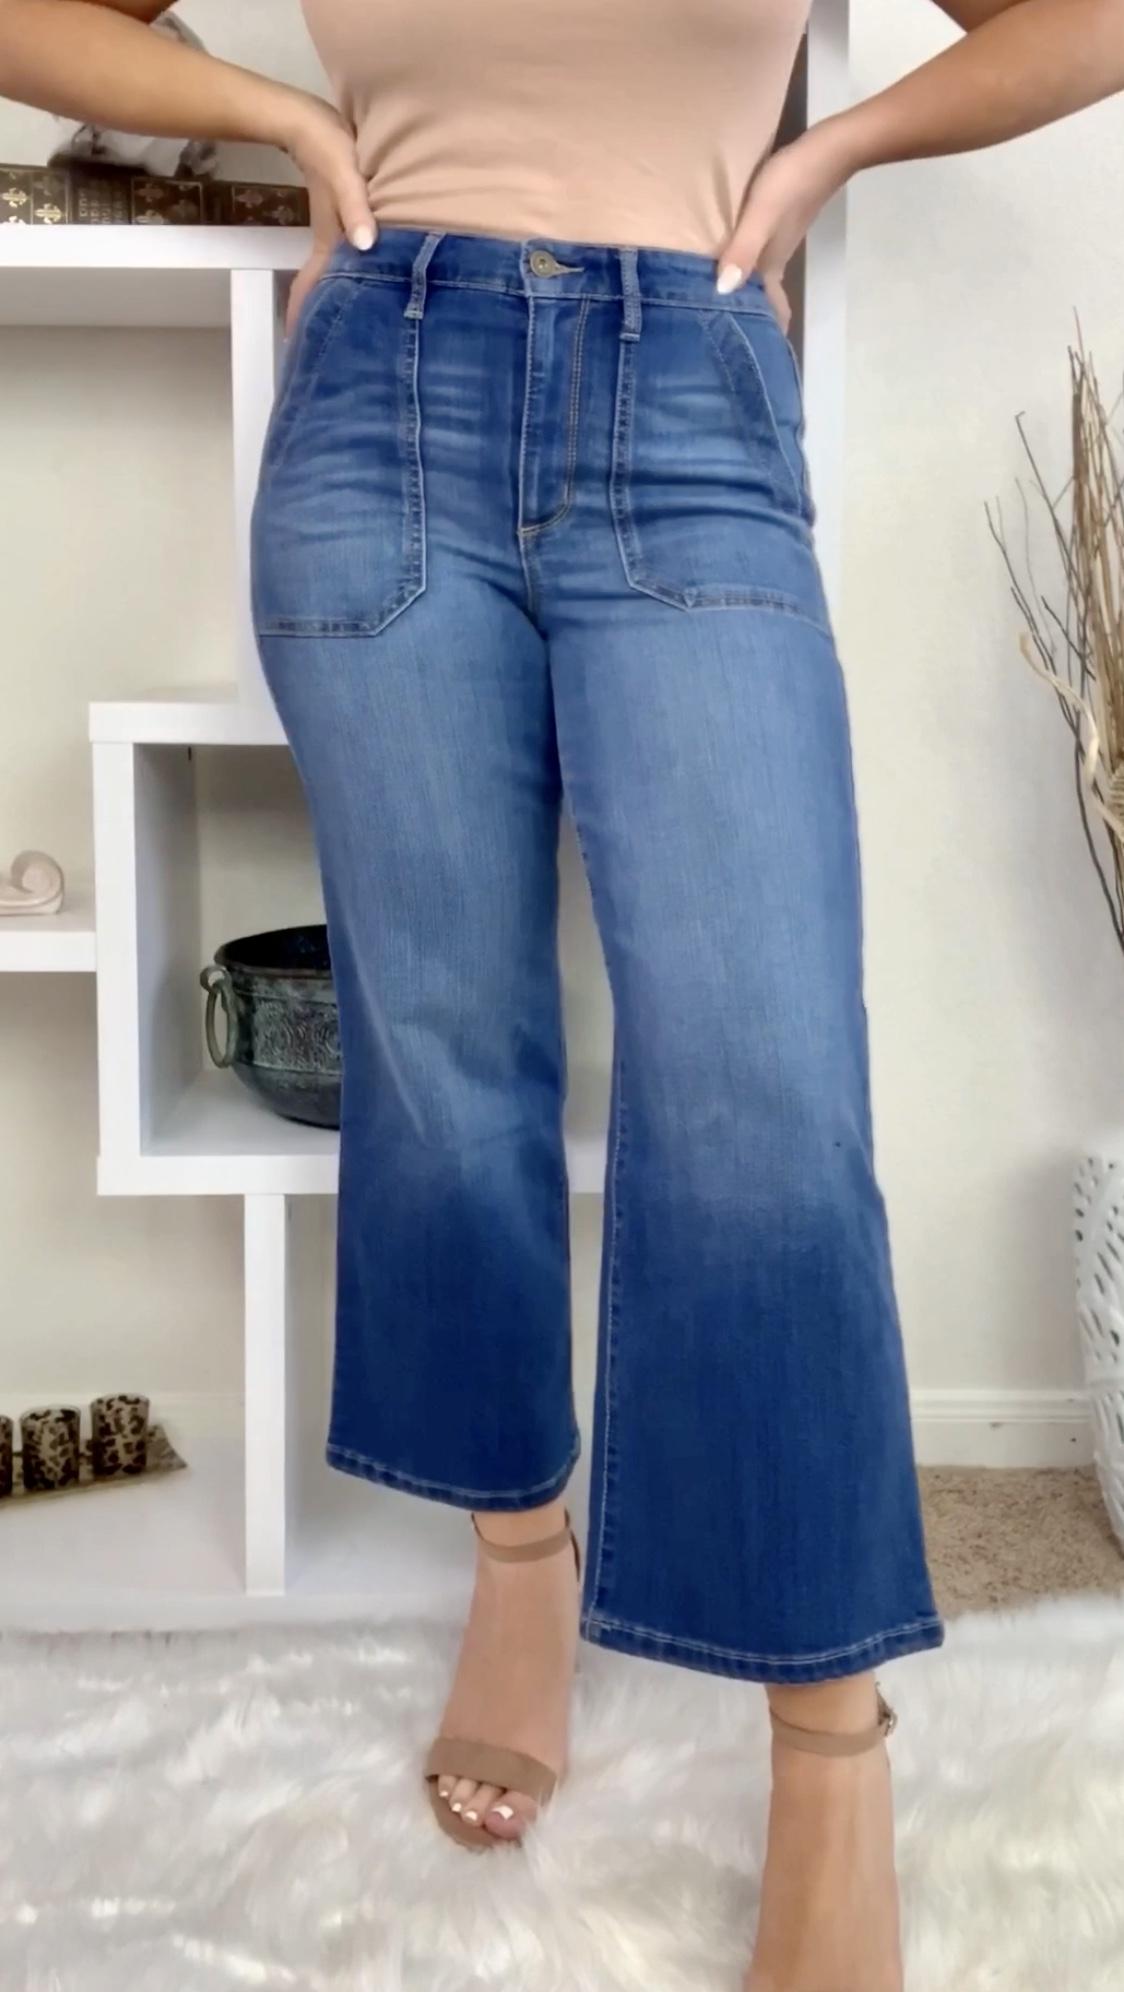 Walmart Jeans4